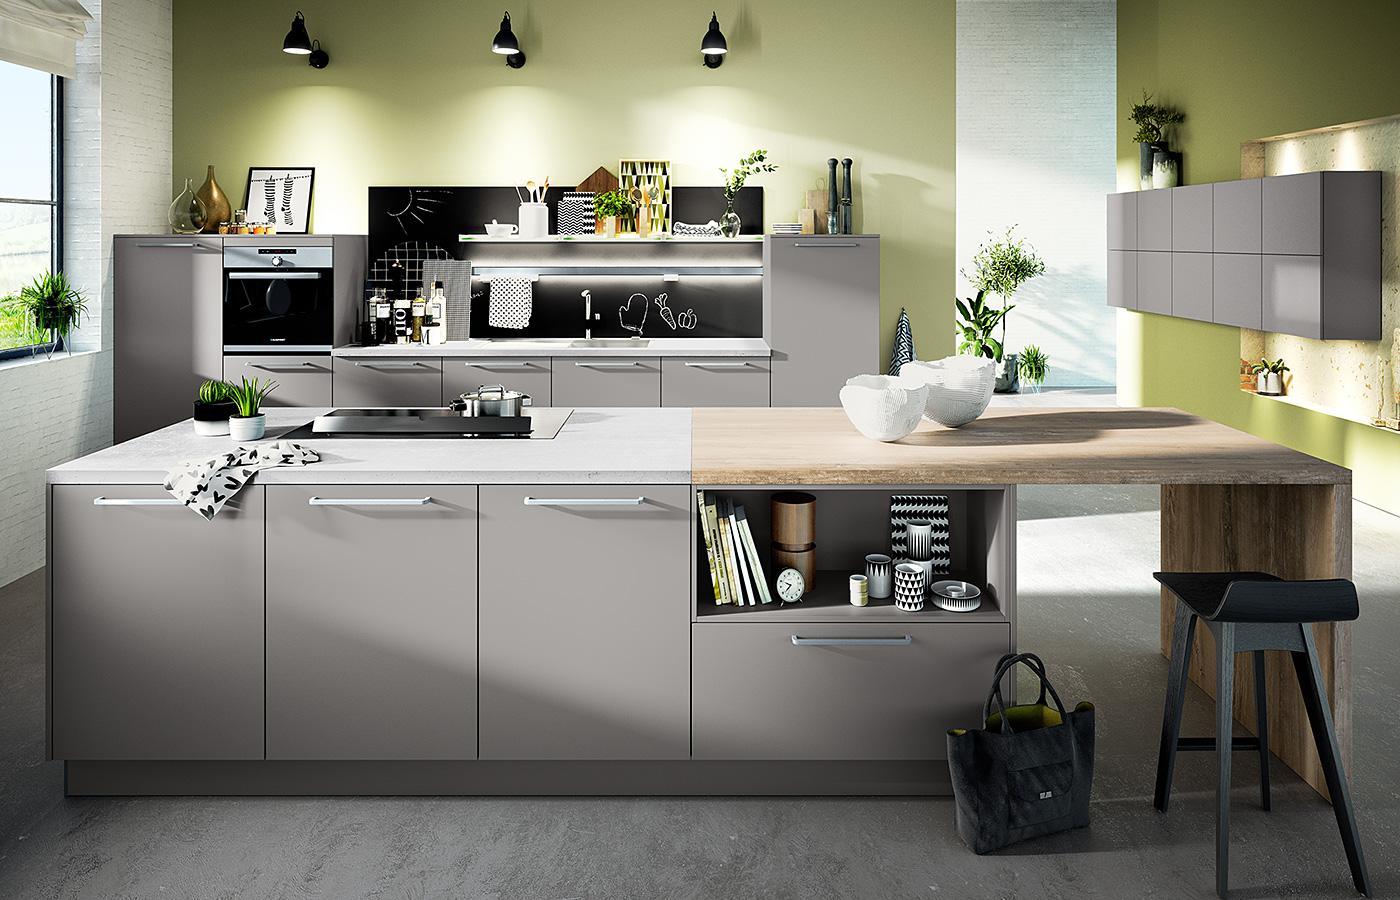 aktionspreis k chen markenqualit t besonders g nstig. Black Bedroom Furniture Sets. Home Design Ideas